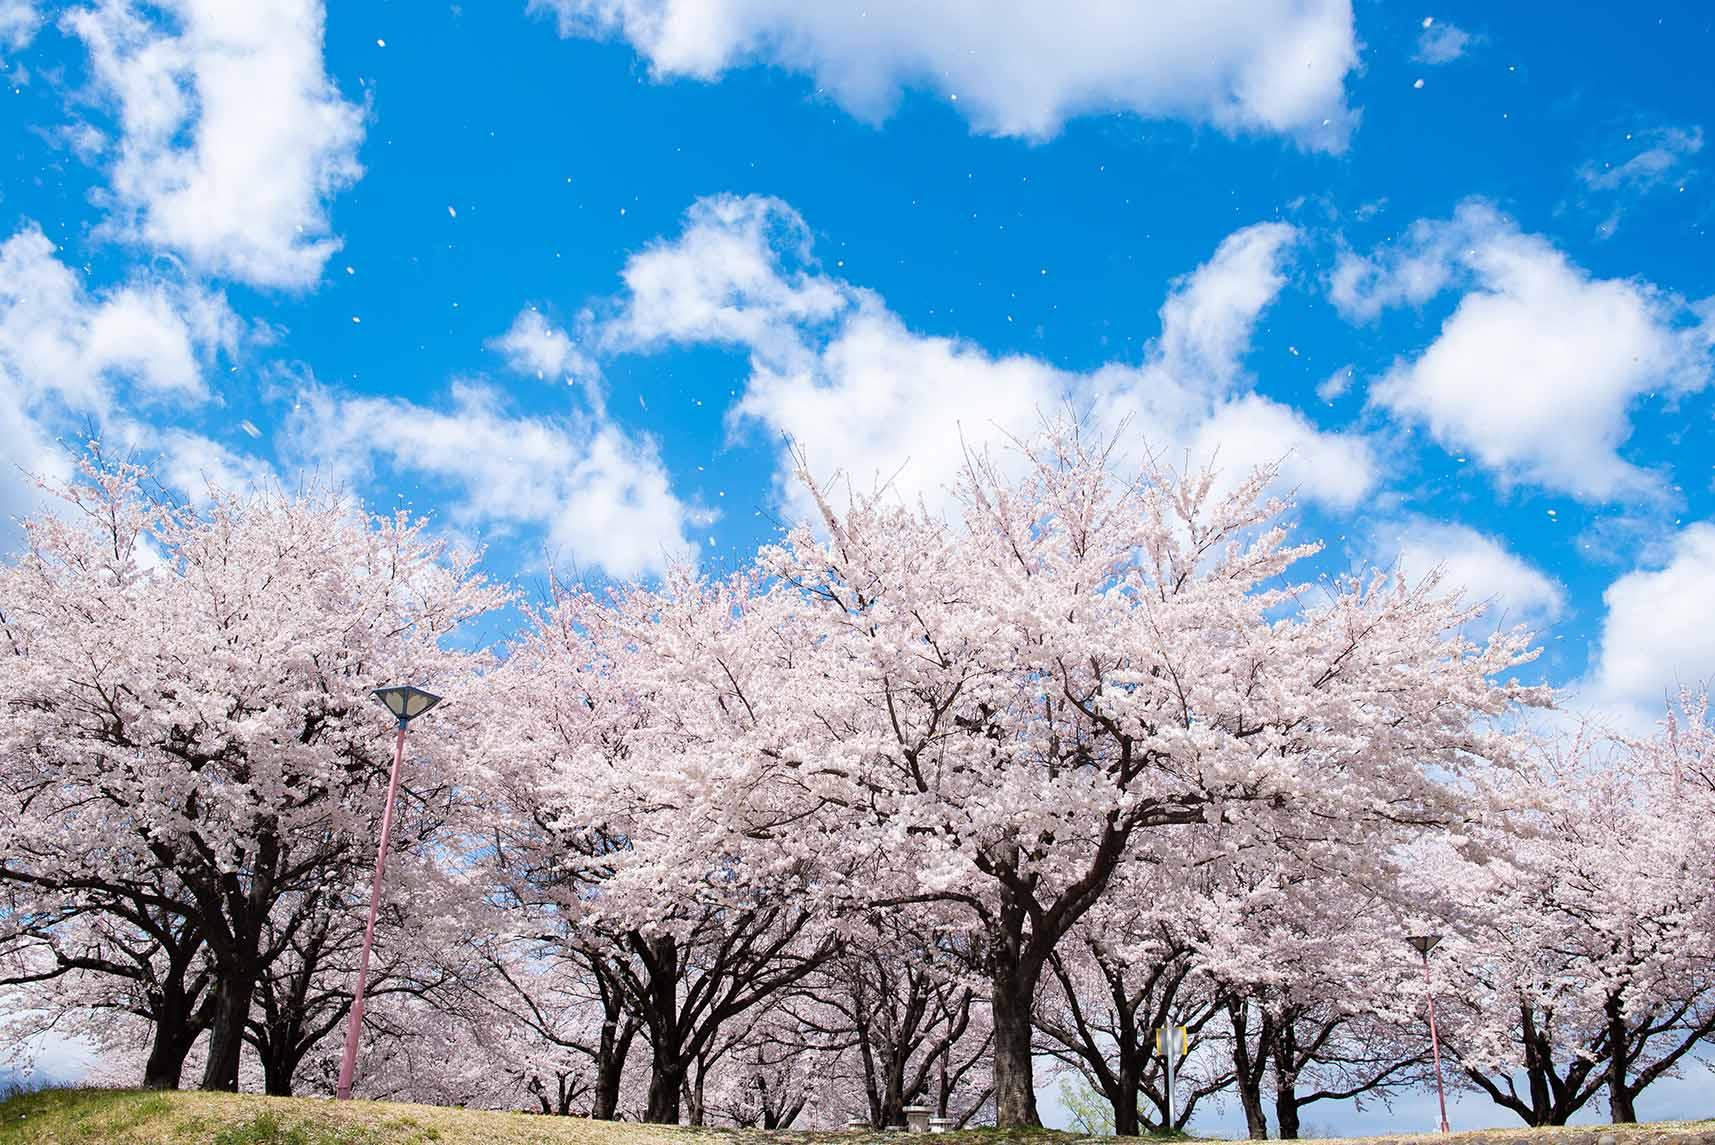 桜づつみ公園 満開の桜